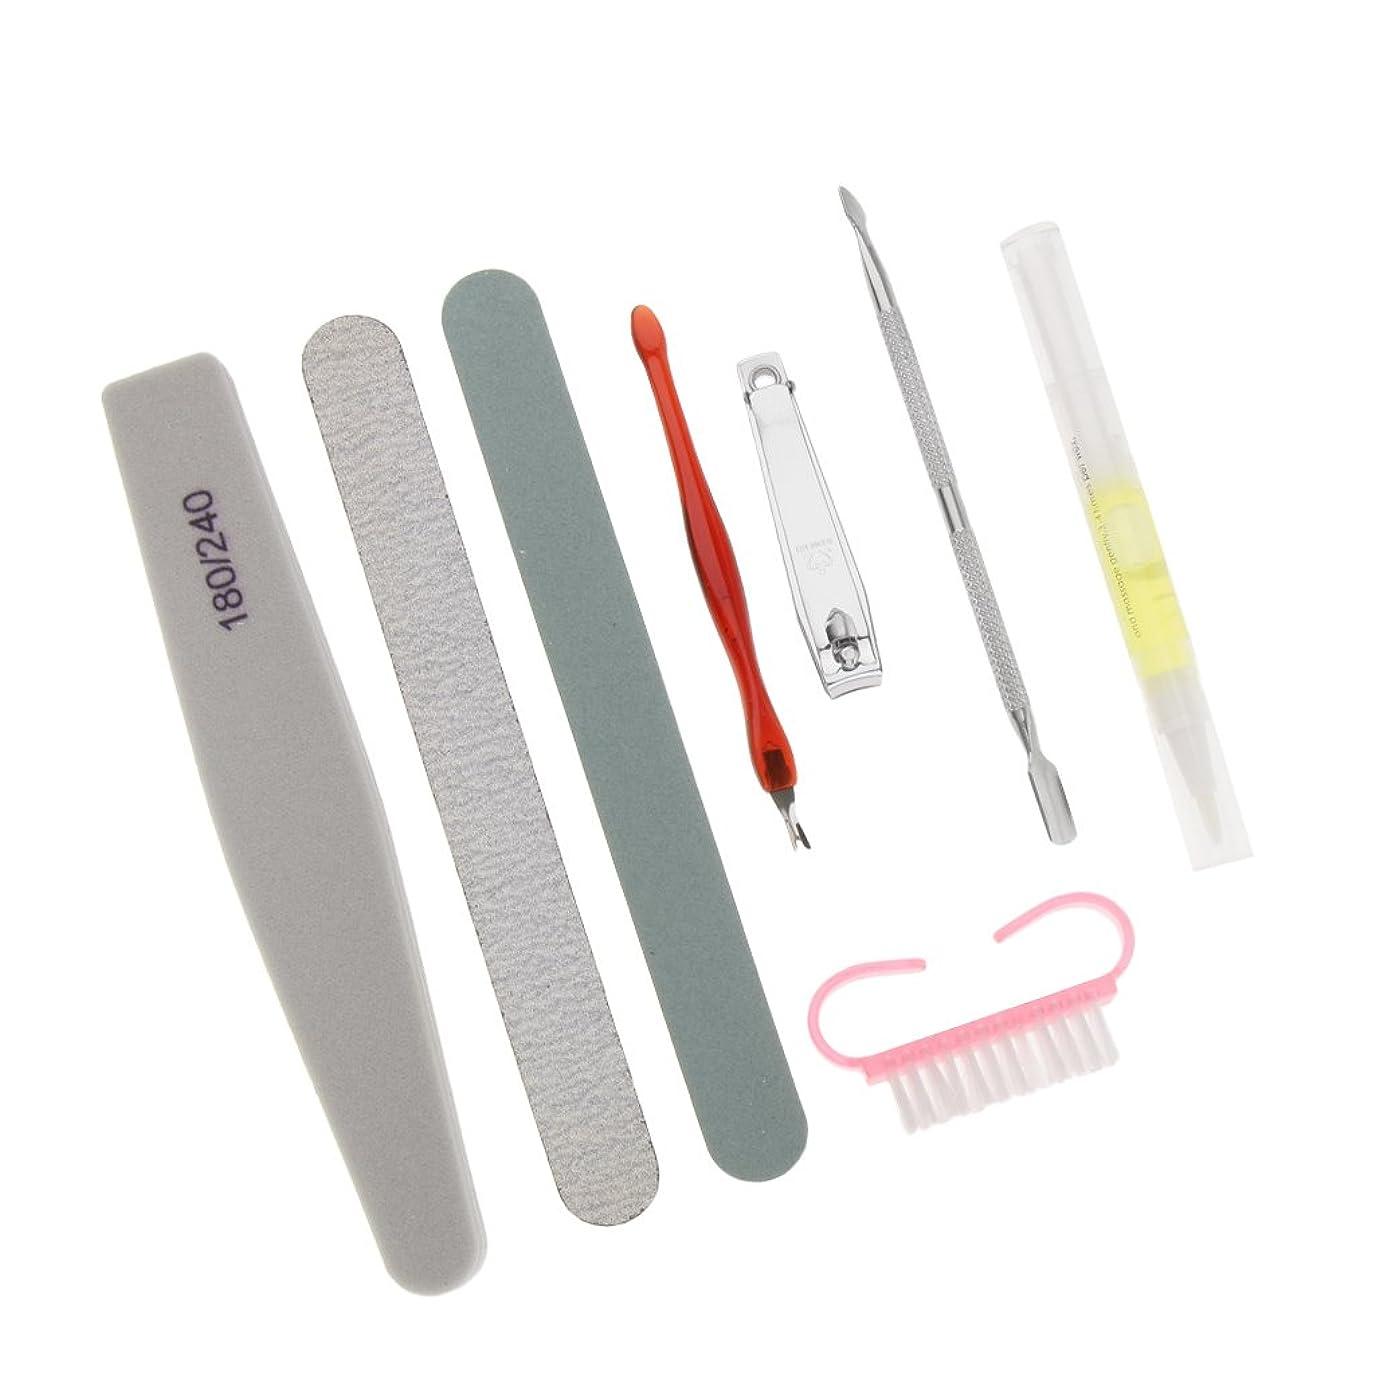 洗うラフ個人的にKesoto 8点 マニキュア ネイルケア 爪切り ネイルファイル キューティクルプッシャー ネイルブラシ ネイルペン